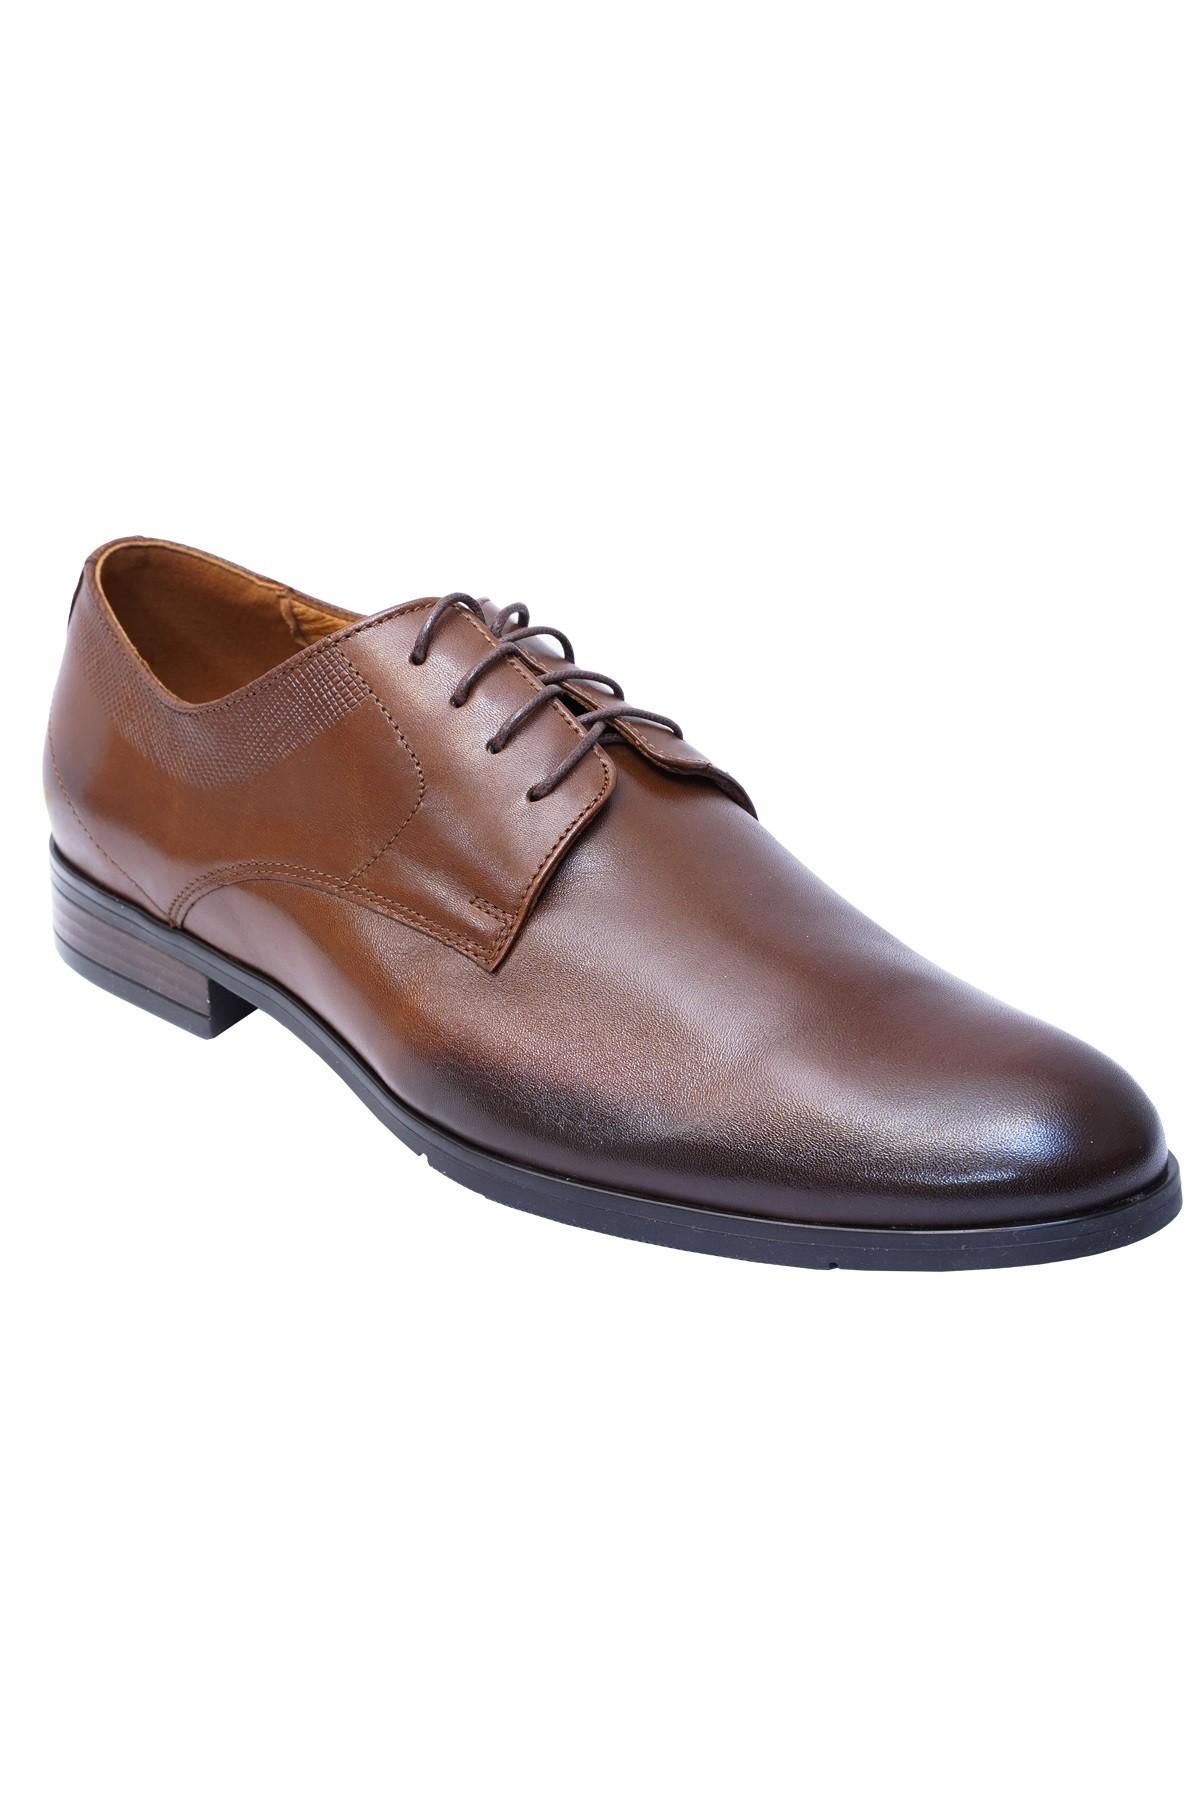 brązowe buty eleganckie ze skóry naturalnej